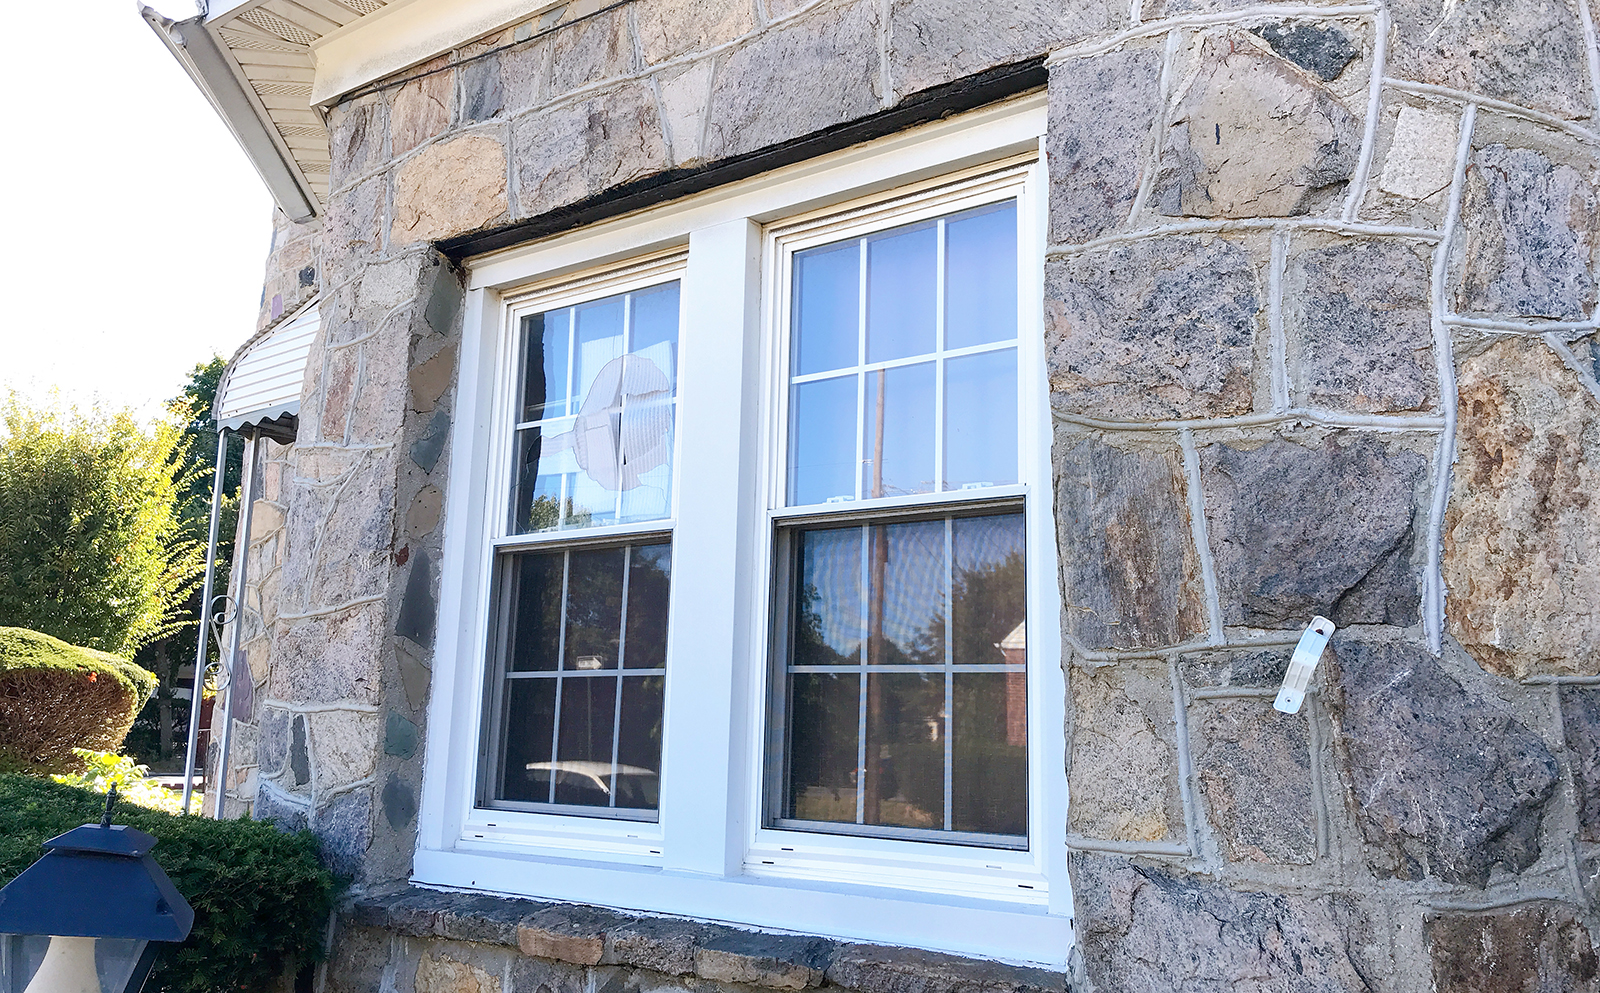 ジェイムズ・ブラウン自宅の割られた窓